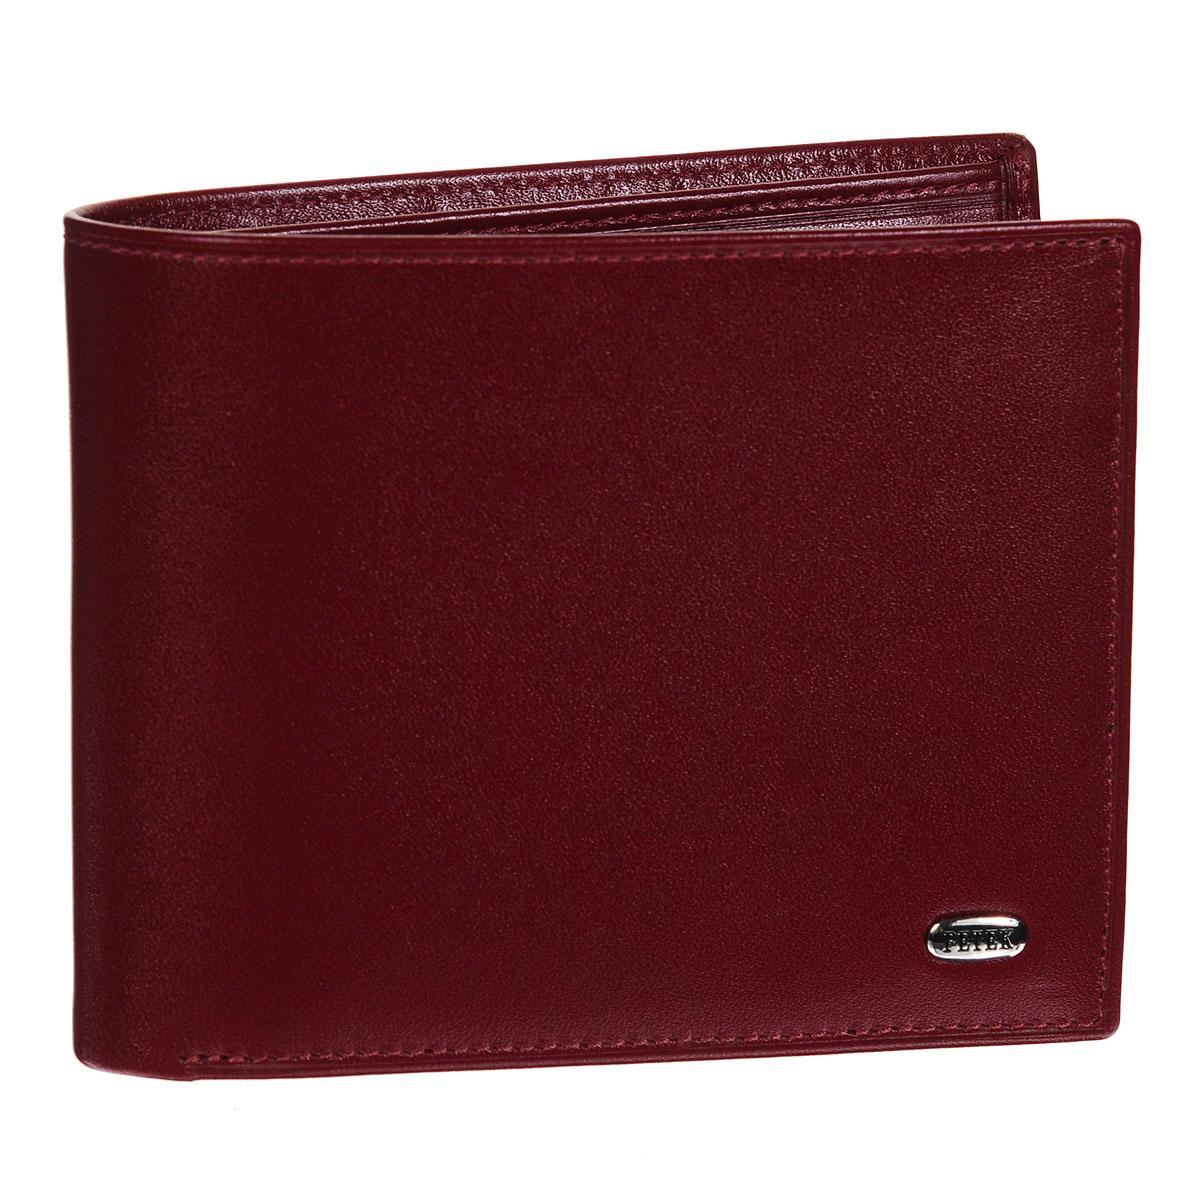 """Портмоне Petek, цвет: красный. 293.4000.10293.4000.10 RedСтильное портмоне Petek изготовлено из высококачественной натуральной кожи с гладкой поверхностью. Внутри - два отделения для купюр, карман для мелочи на кнопке, кармашек с сетчатым """"окошком"""", три наборных кармашка для кредитных карт и съемная визитница, рассчитанная на восемь визиток. Стильное и практичное портмоне Petek идеально подчеркнет ваш образ. Упаковано в фирменную картонную коробку."""